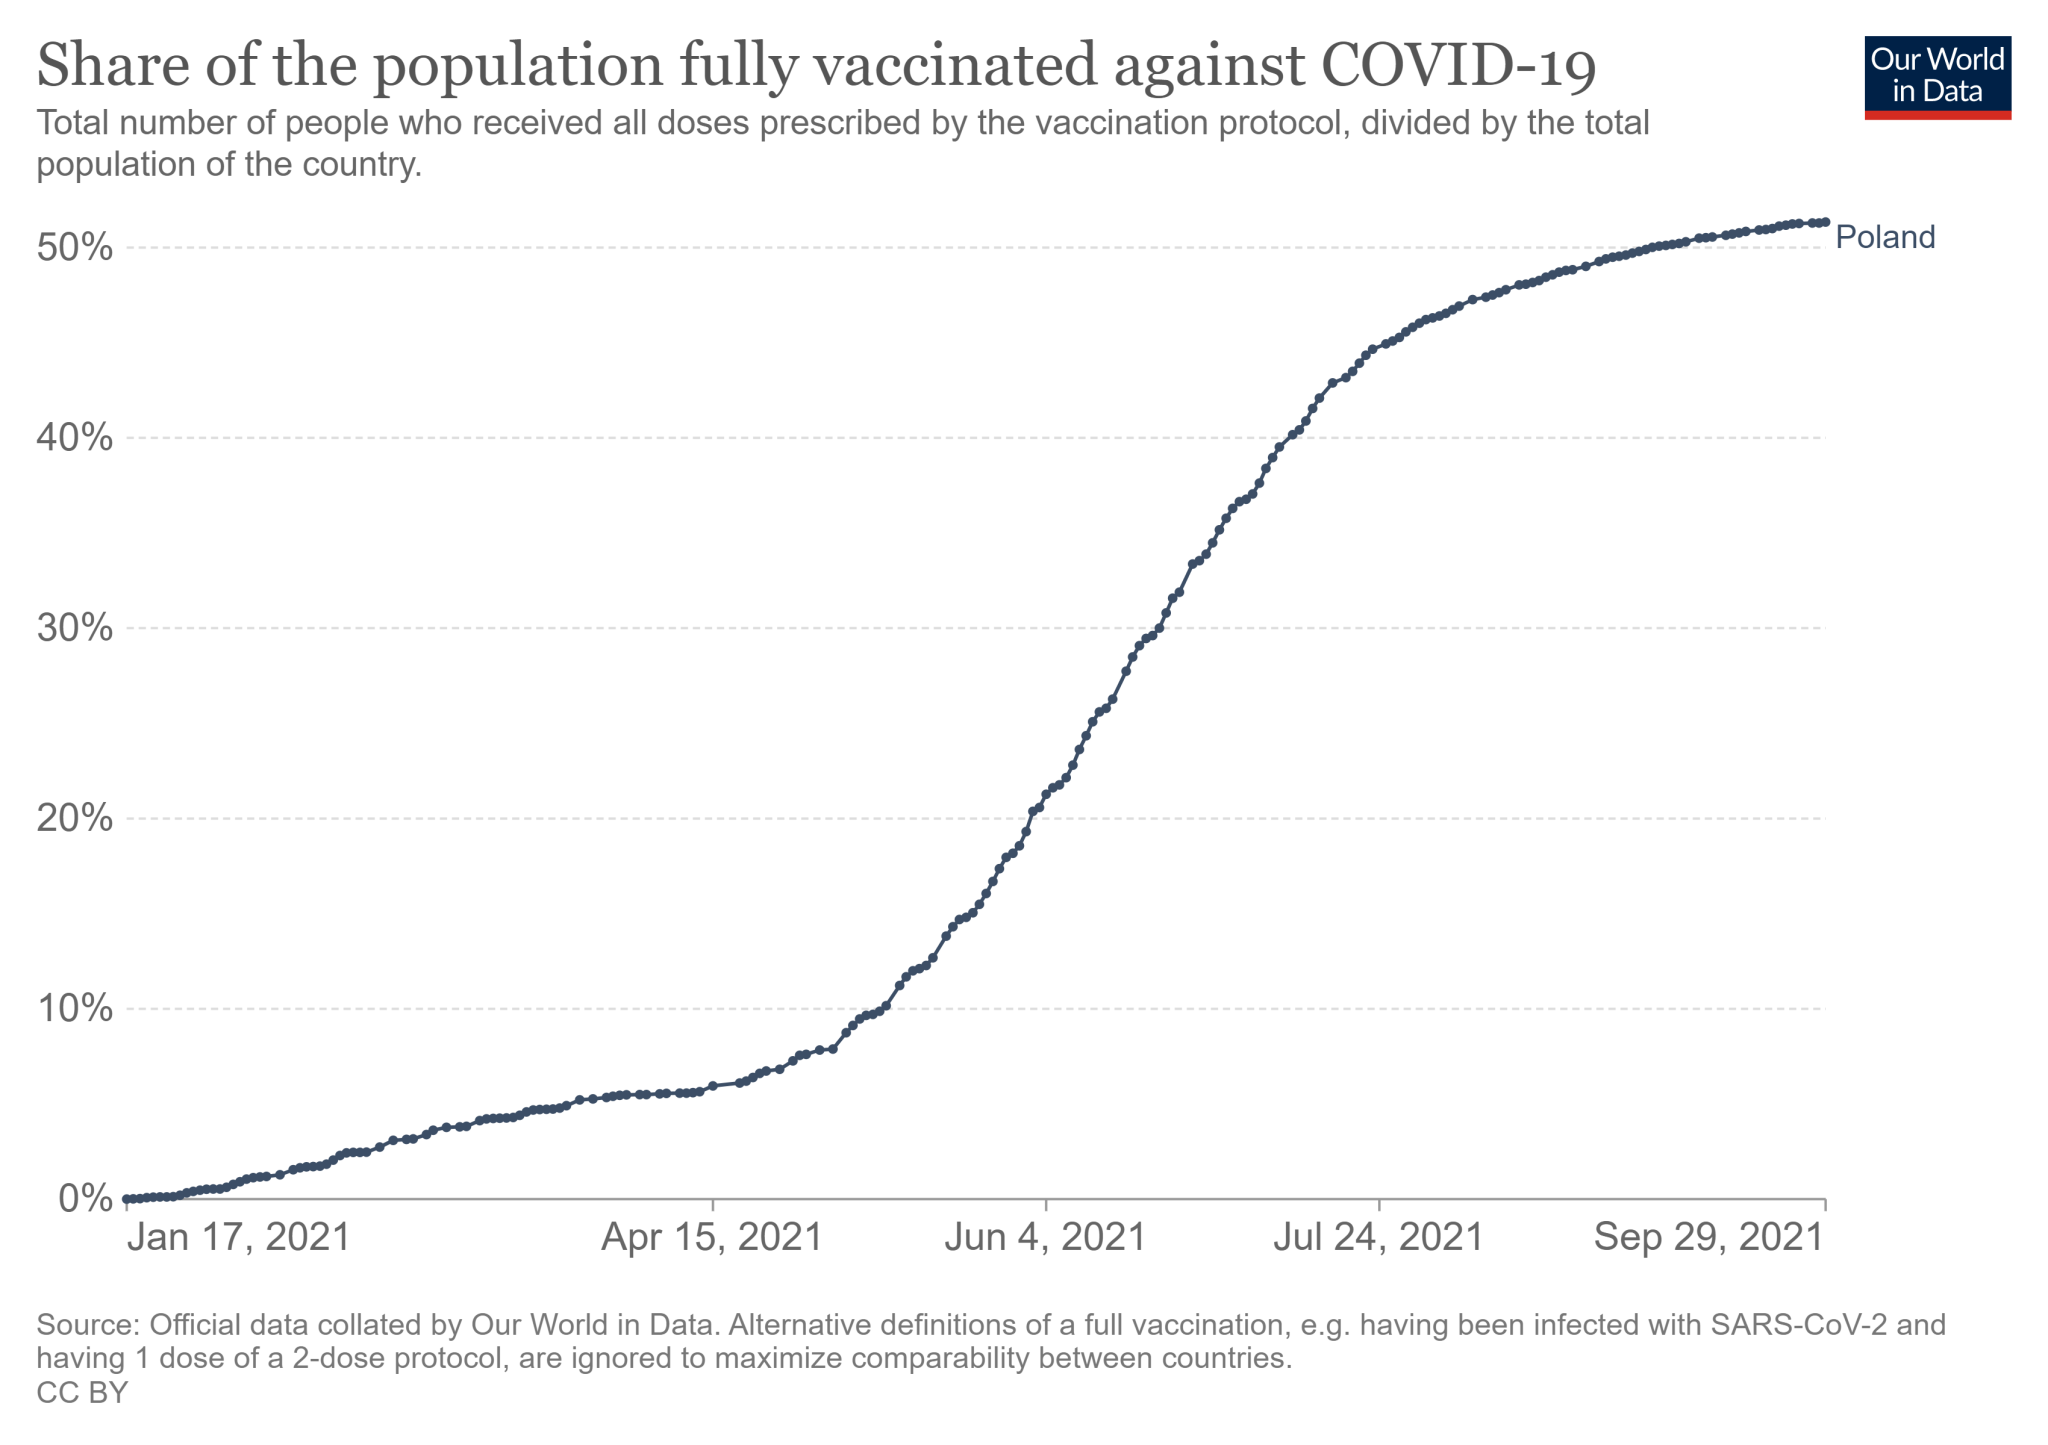 Odsetek mieszkańców Polski, którzy przyjęli wszystkie wymagane dawki szczepionki na COVID-19 (stan na 29 września)